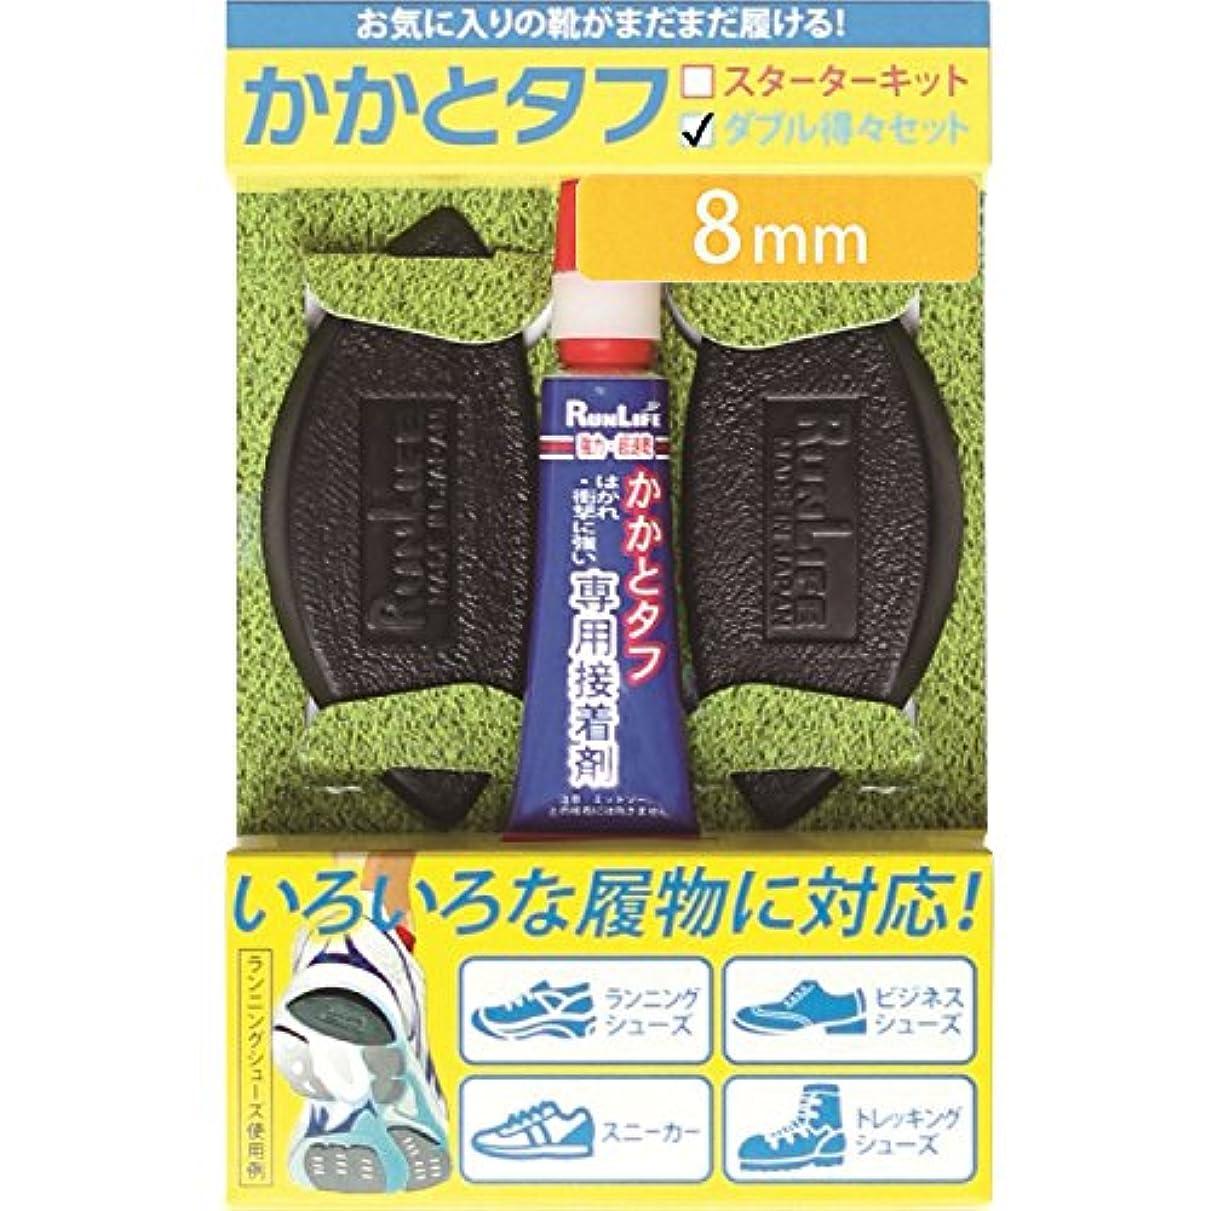 炎上変化美徳RunLife(ランライフ) 靴修理 シューズ補修材『 かかとタフ 』 8mm ダブル得々セット SKT-8M×4+SG